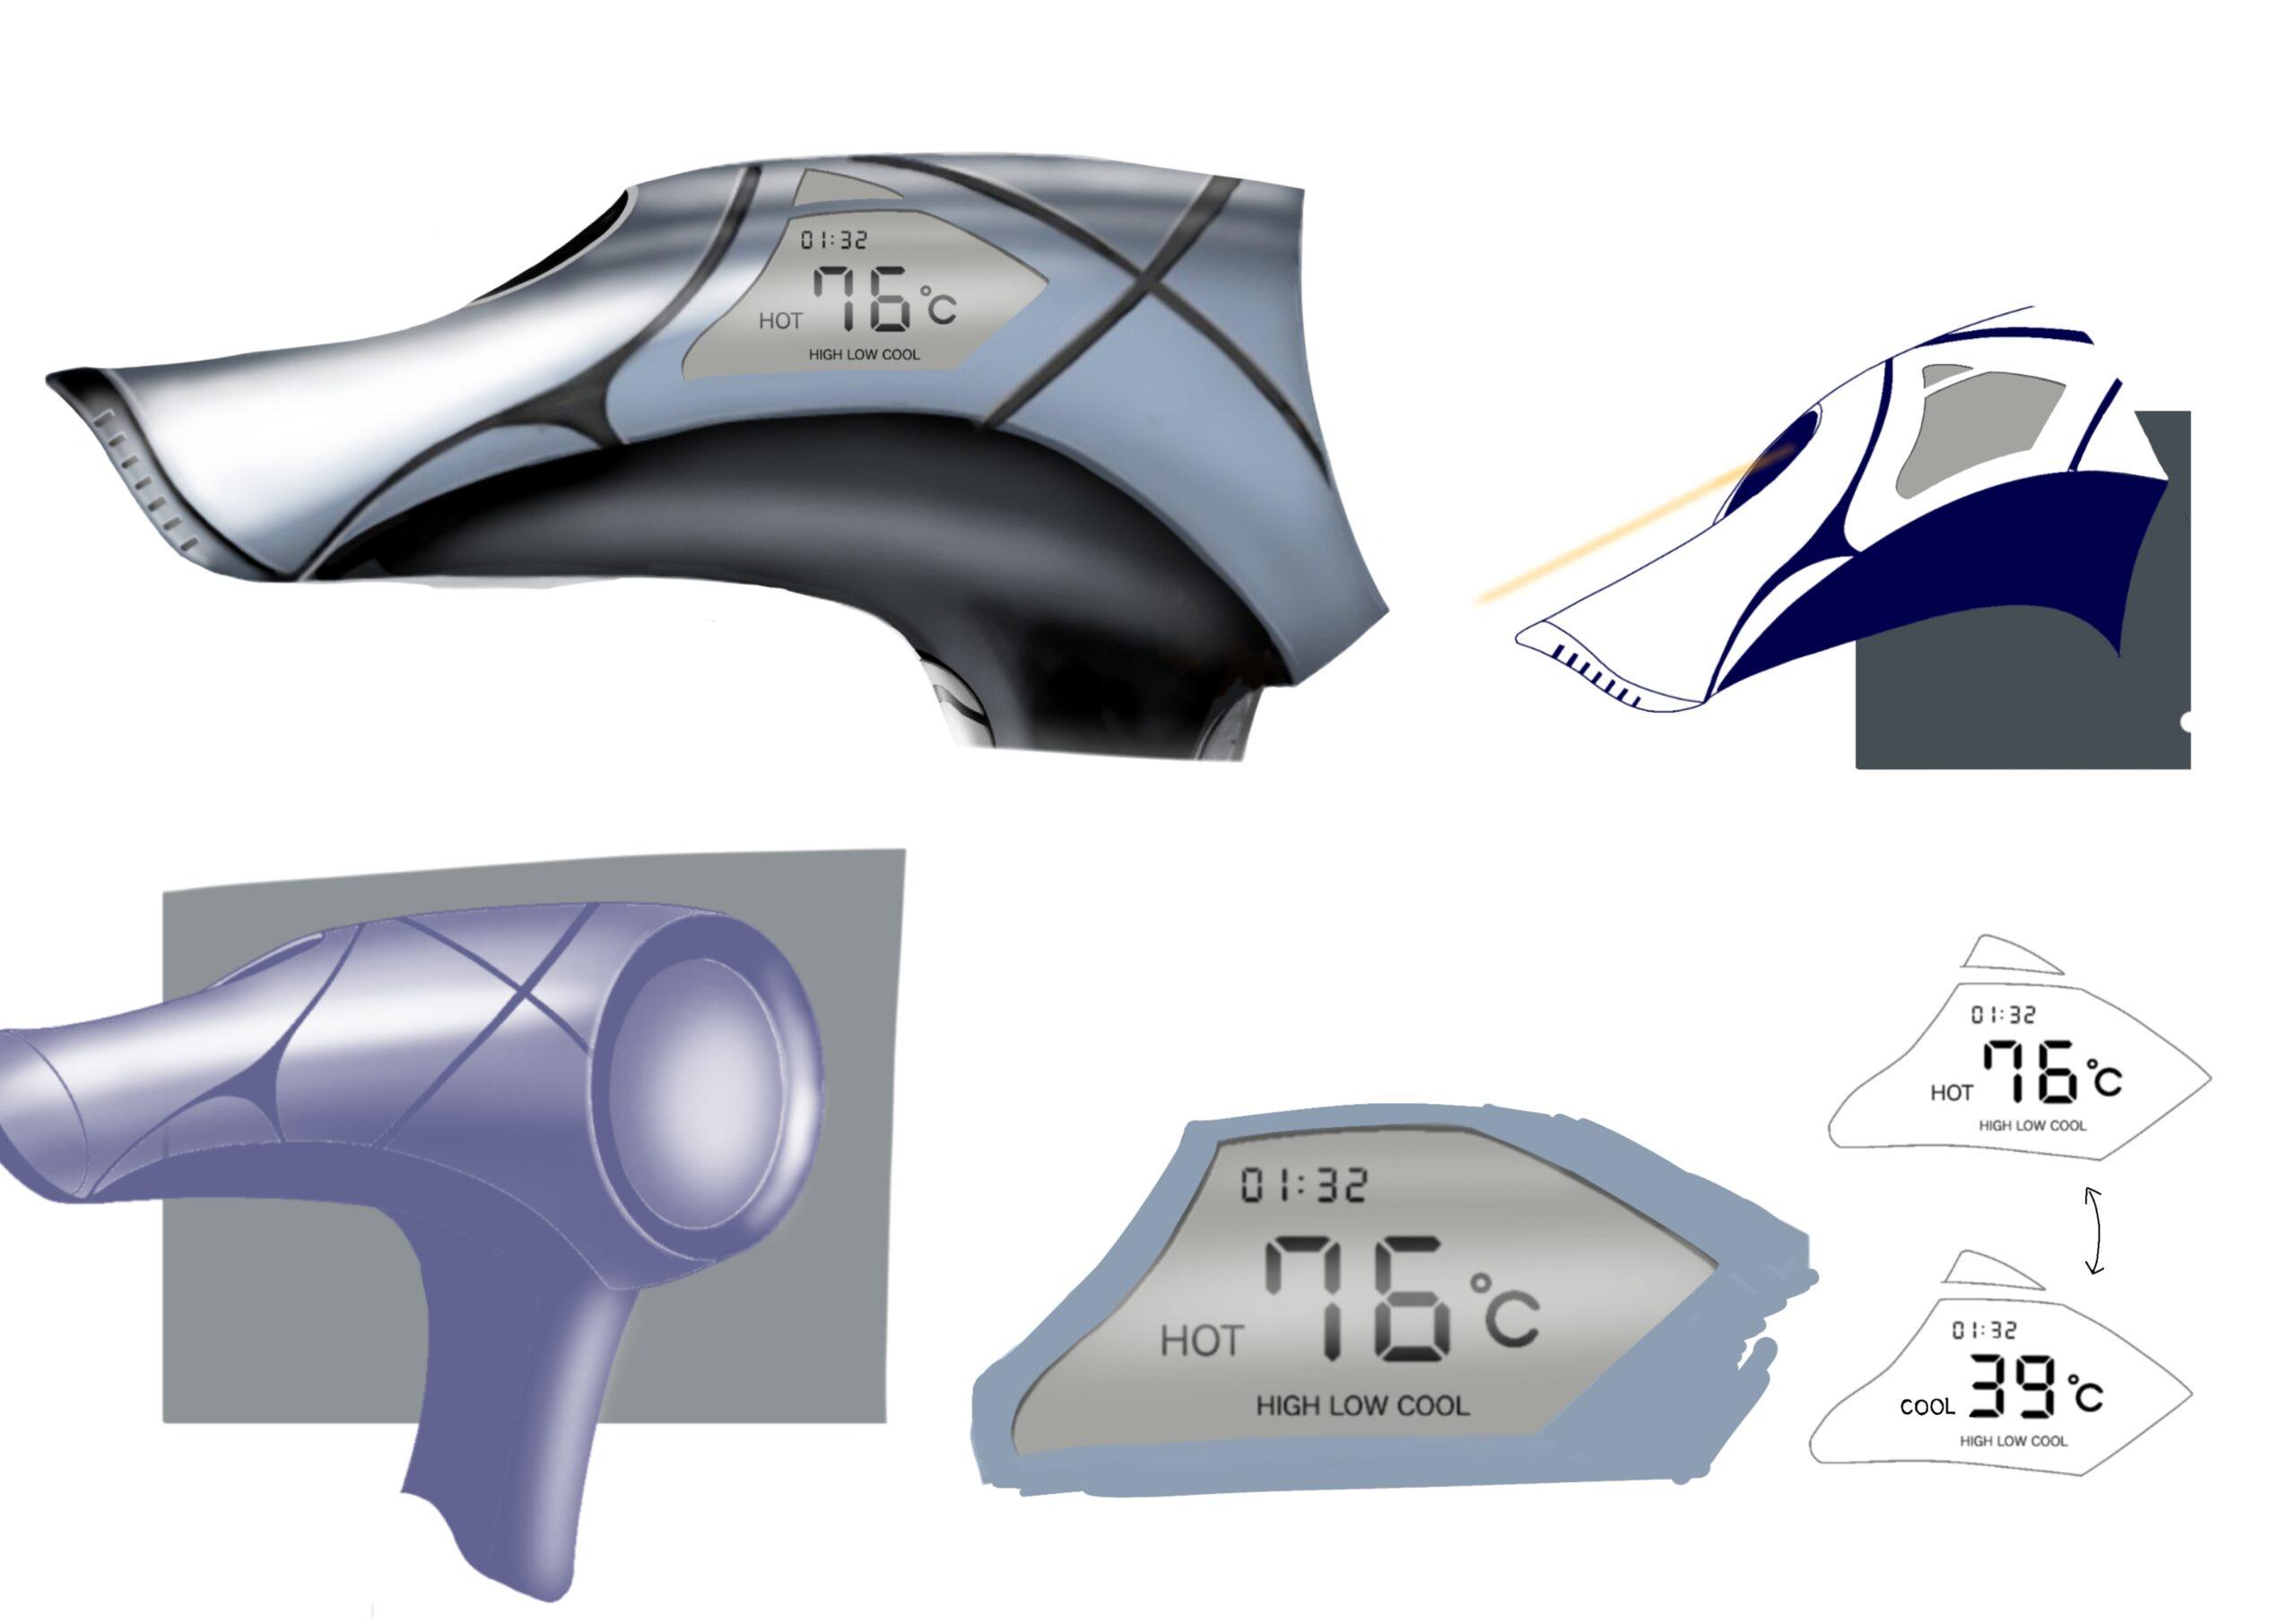 温度感知センサー(右上図)で、ドライヤーの風を常に適切な温度に調節。モニター:使用時間と現在の温度を表示